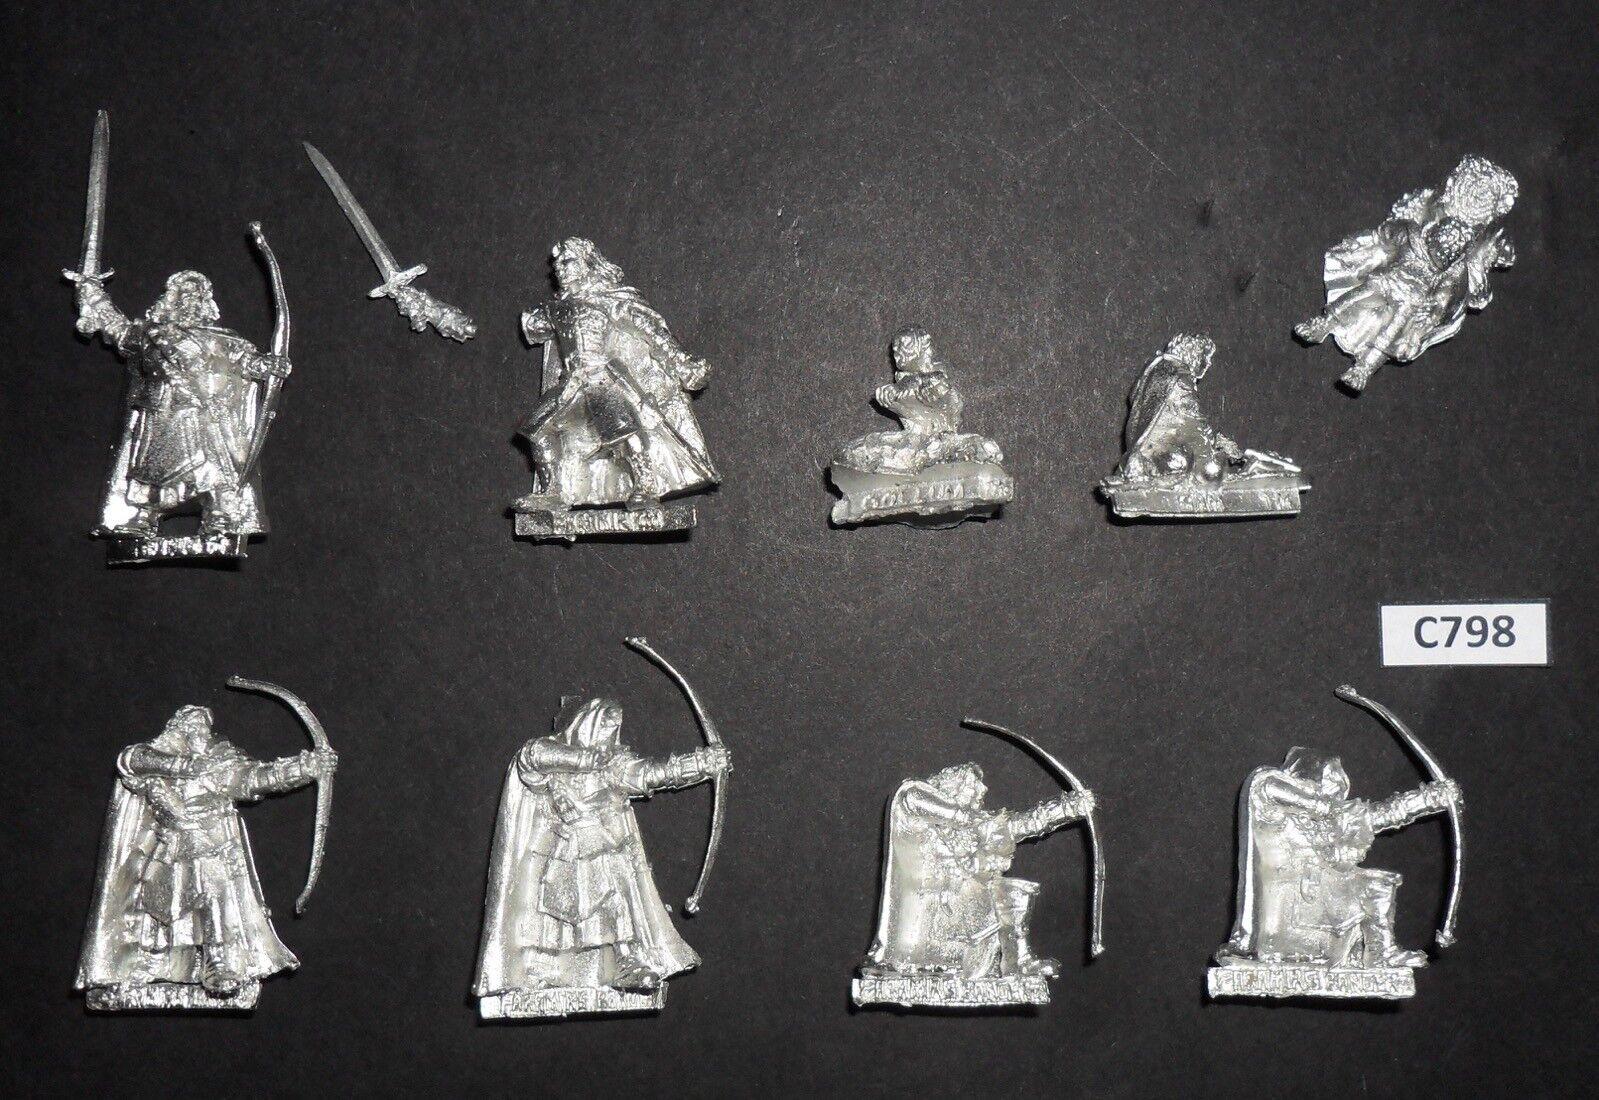 Warhammer le Seigneur des anneaux LOTR Metal capturé par Gondor Gondor Gondor Set Faramir Gollum c19519